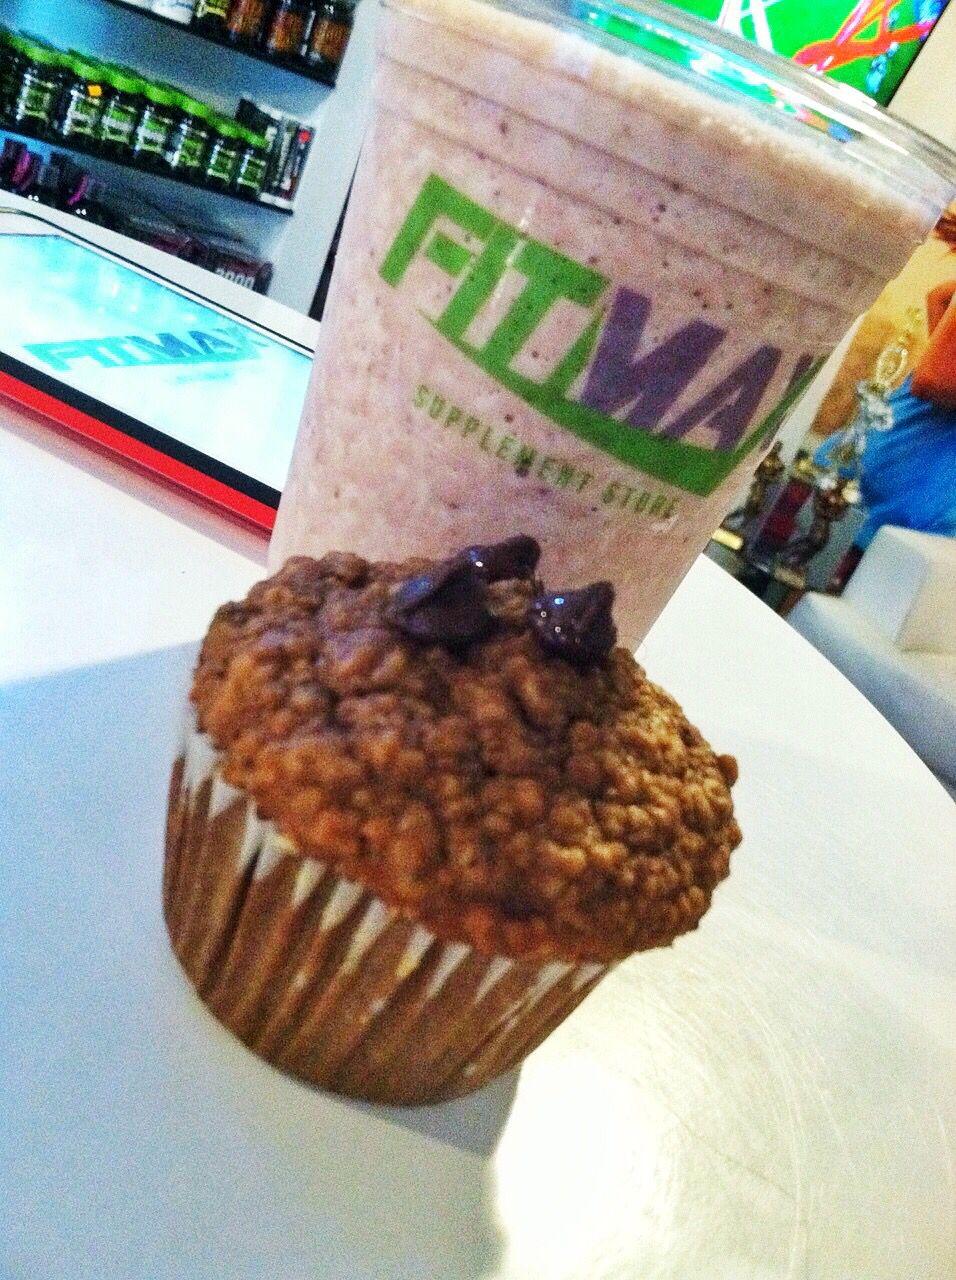 Tu postre Fit ya está aquí, Deliciosos Muffins de Proteína iso whey de @Biotechrd con Tan Solo 88 calorías, 9 gr de Proteínas, y 0 azúcar (stevia).. #Fitmaxrd #fit #Fitness #Gain #Muscle #protein